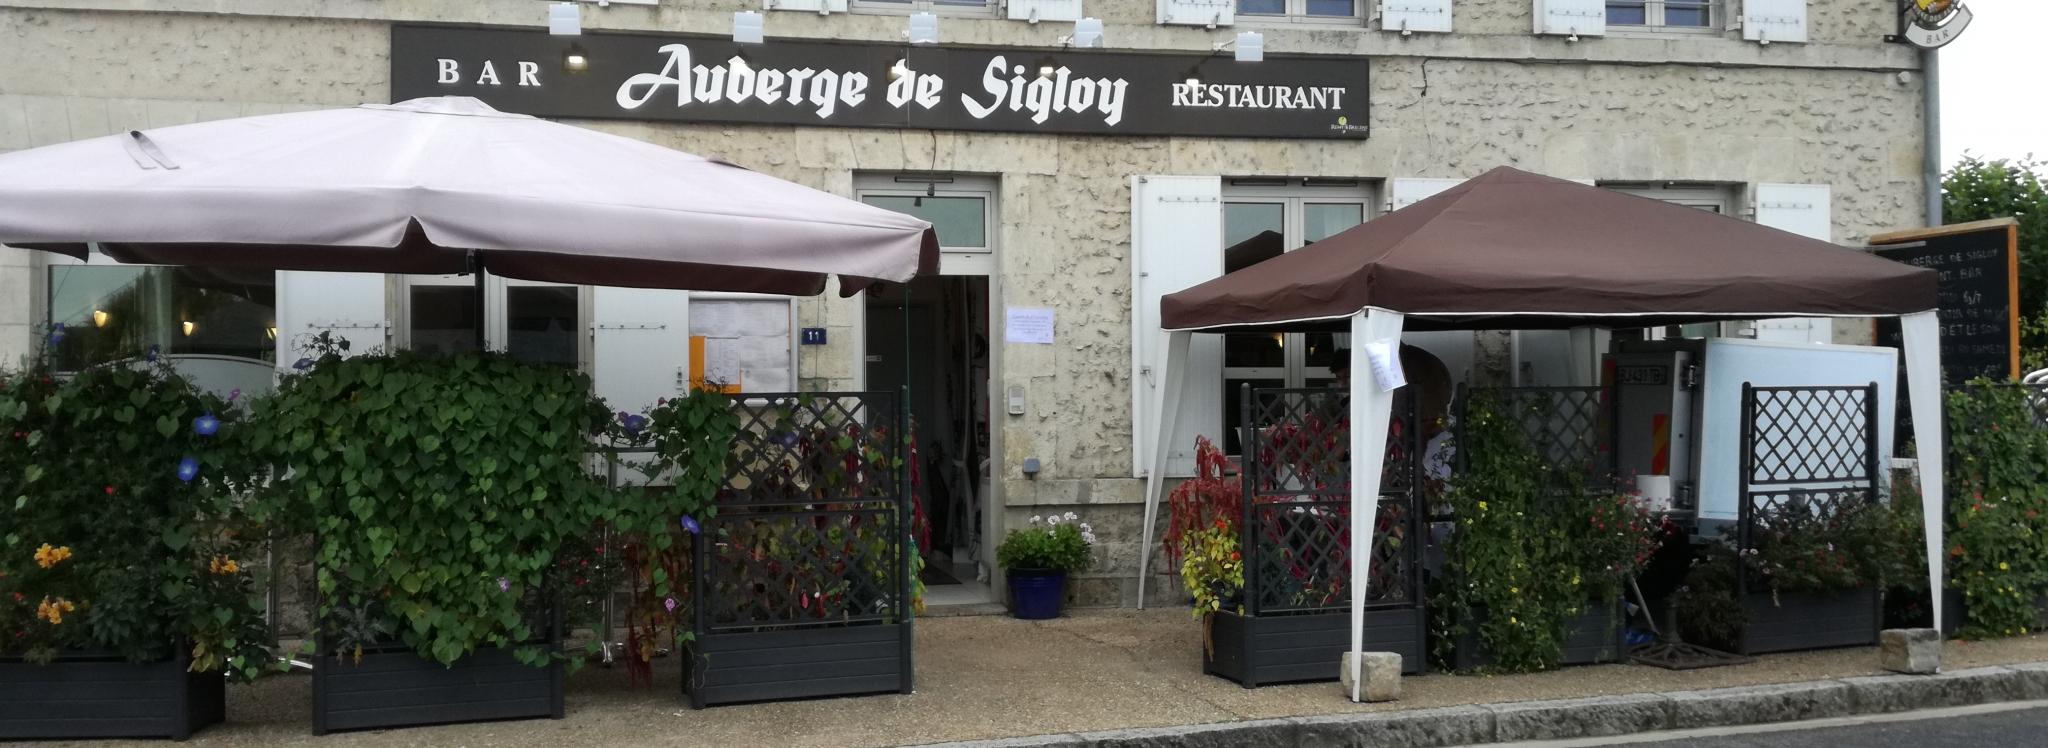 Auberge de Sigloy